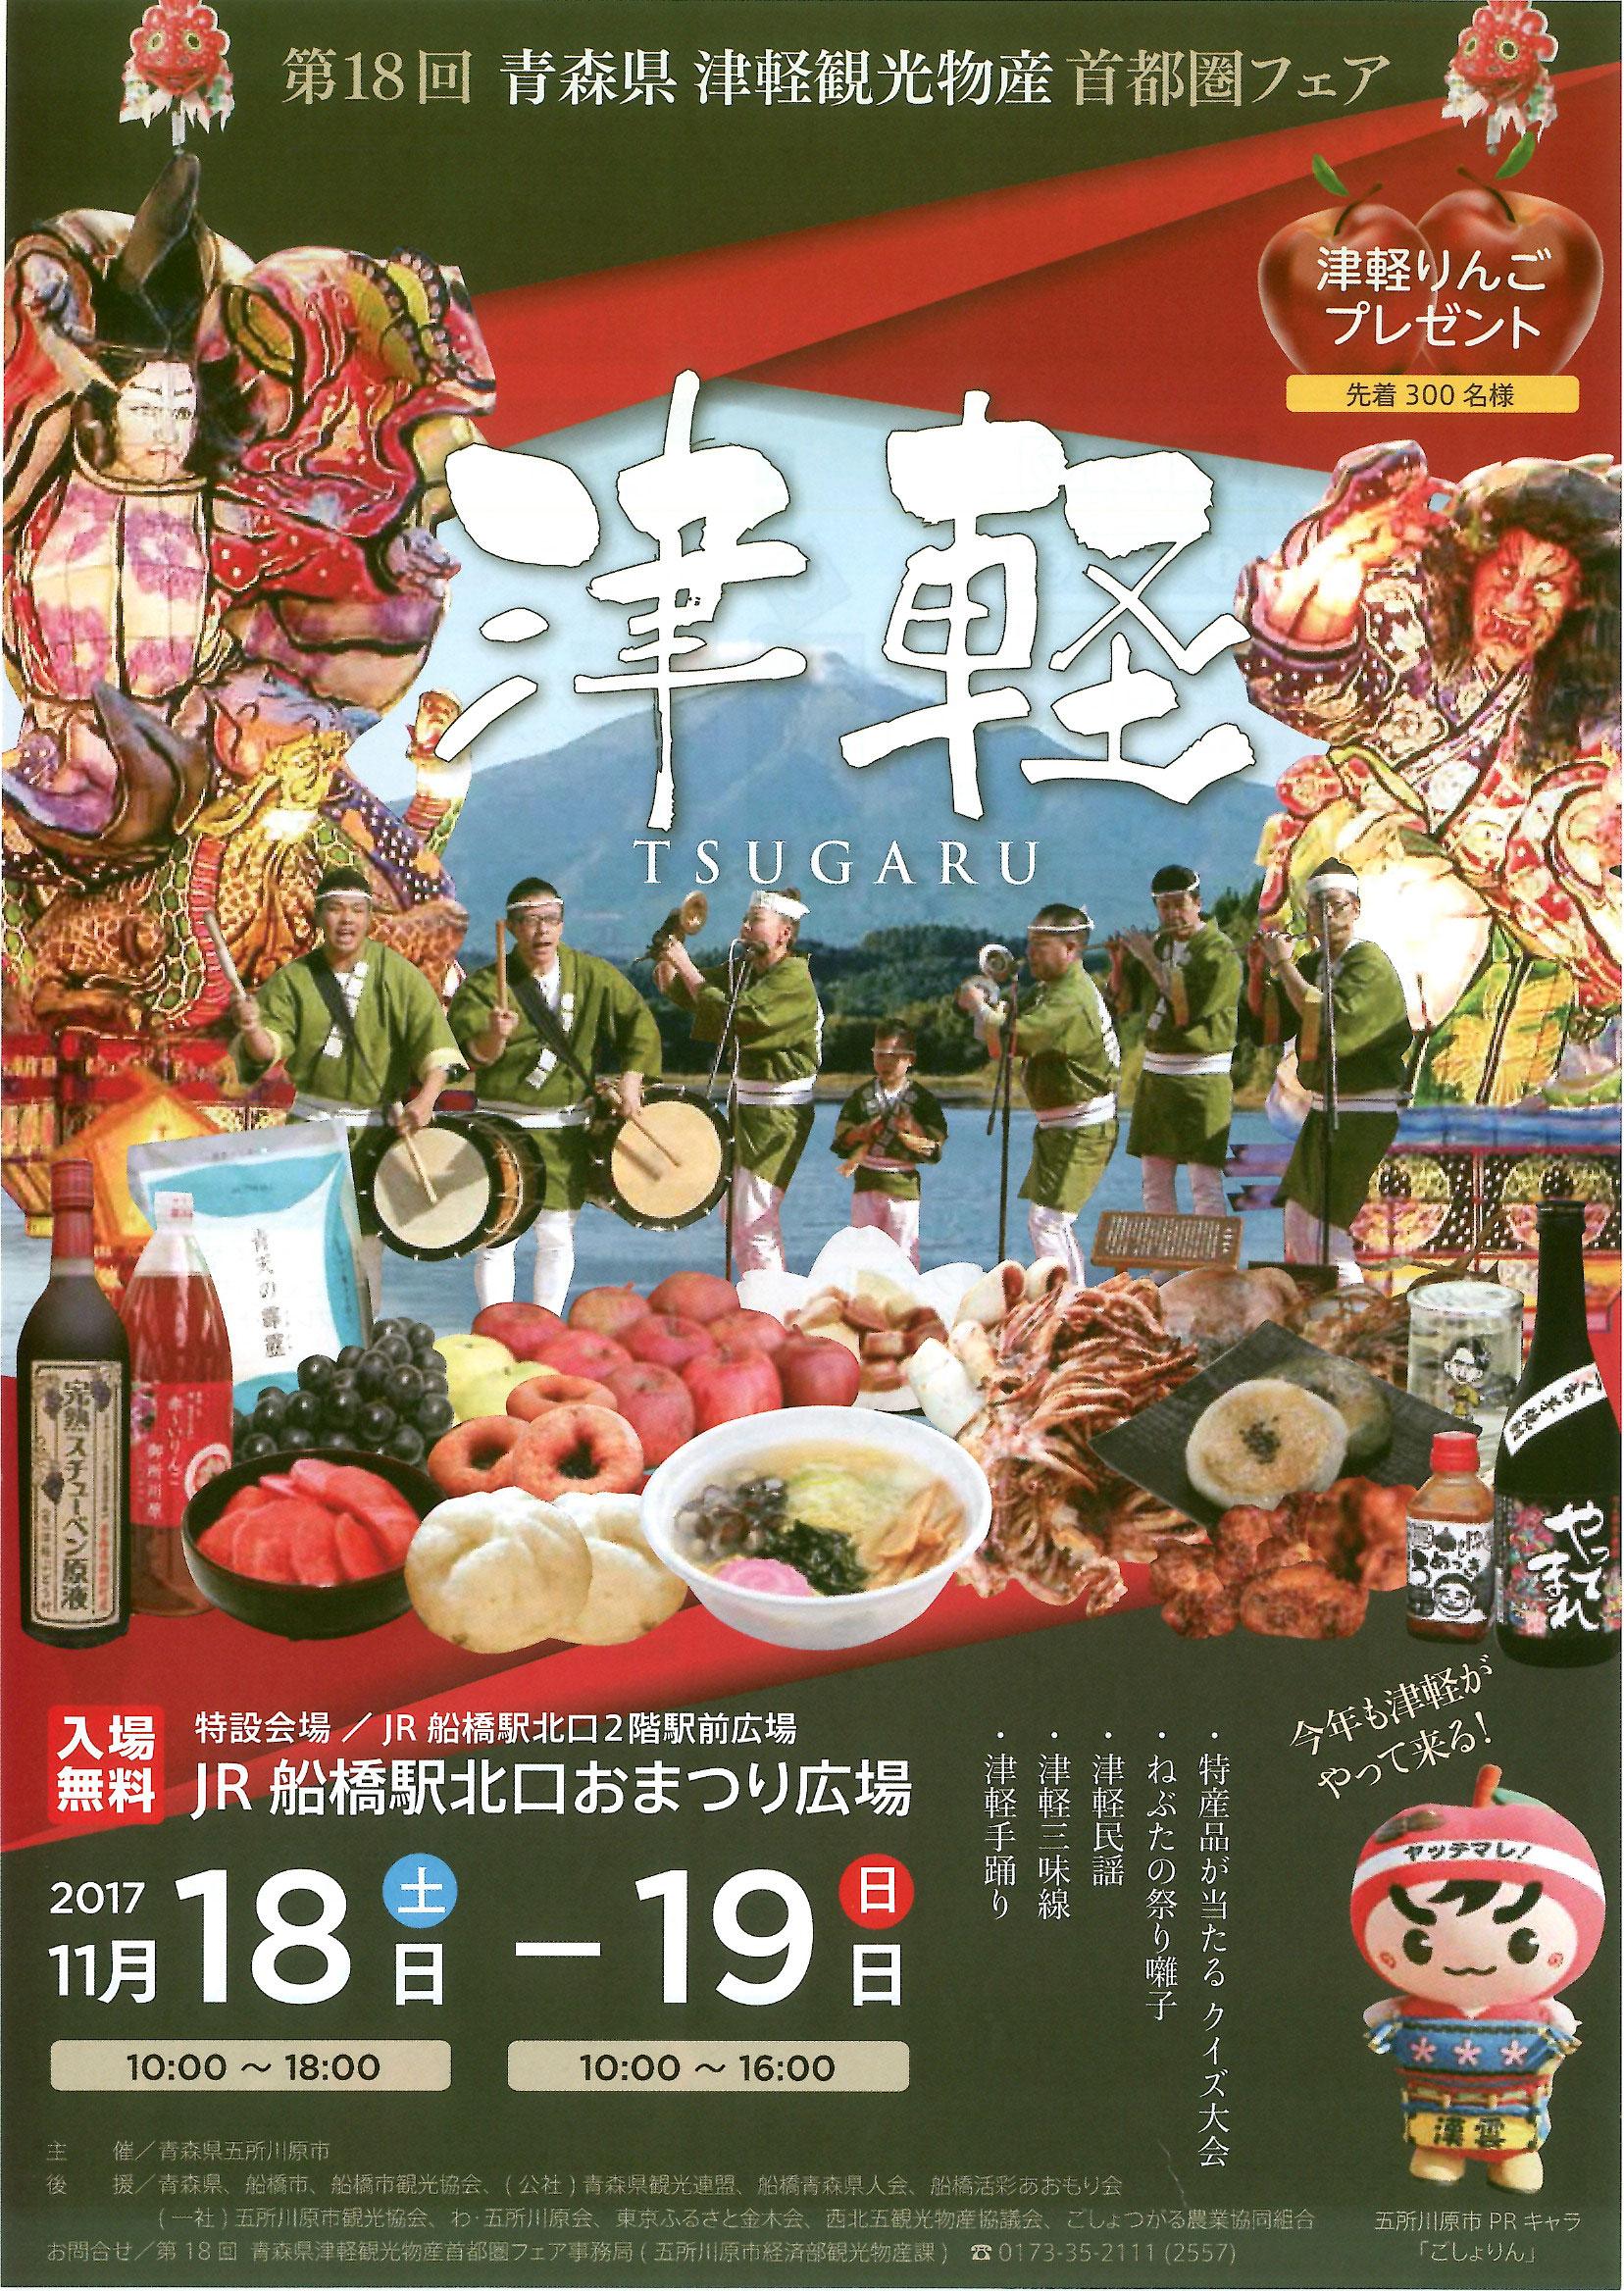 青森県津軽観光物産首都圏フェア